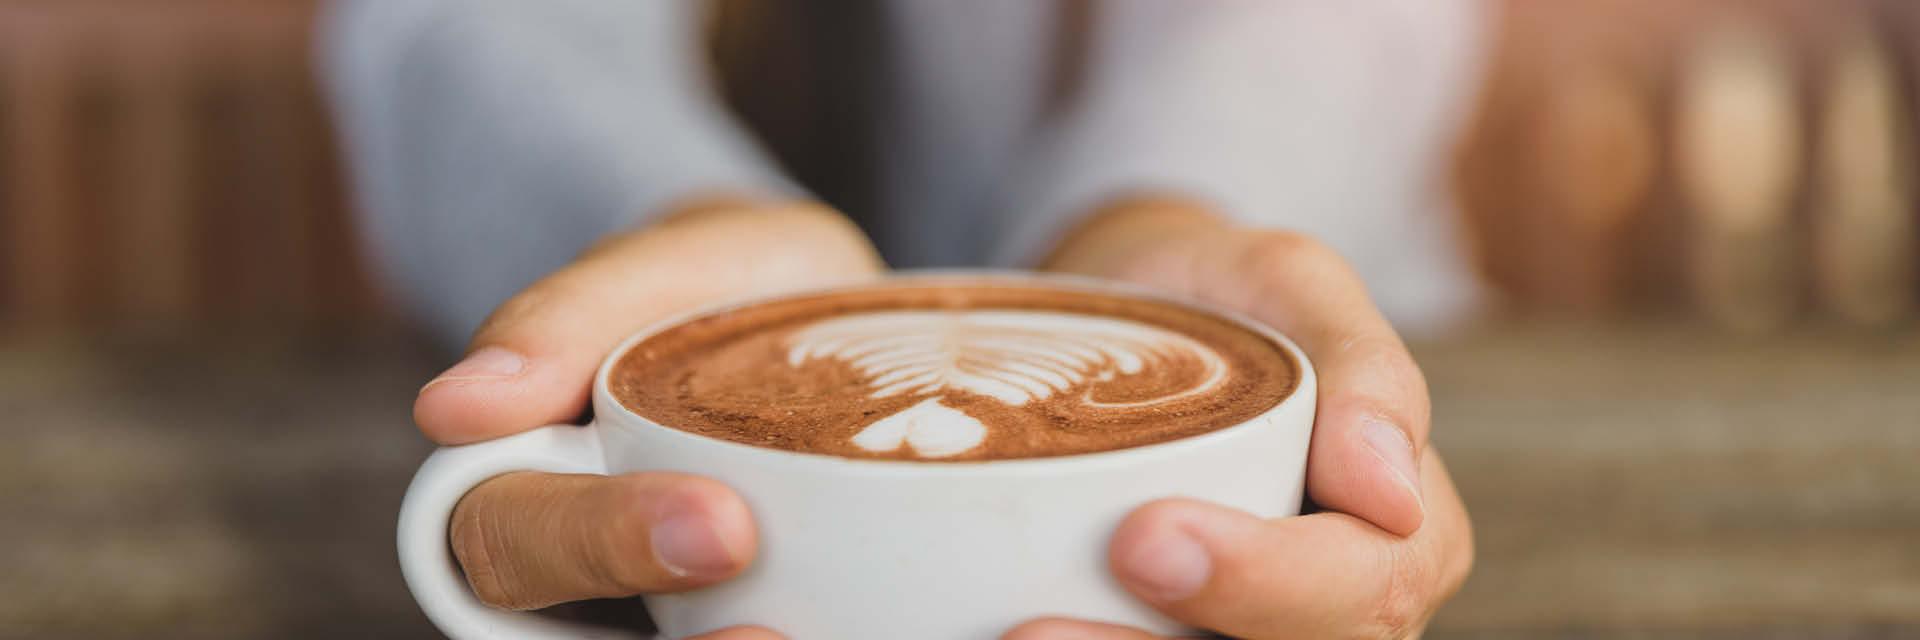 Bei einer gemütlichen Tasse Kaffee kann man noch einmal gut überlegen, ob man alle Schritte des Einrichtungs-Guide berücksichtigt hat.